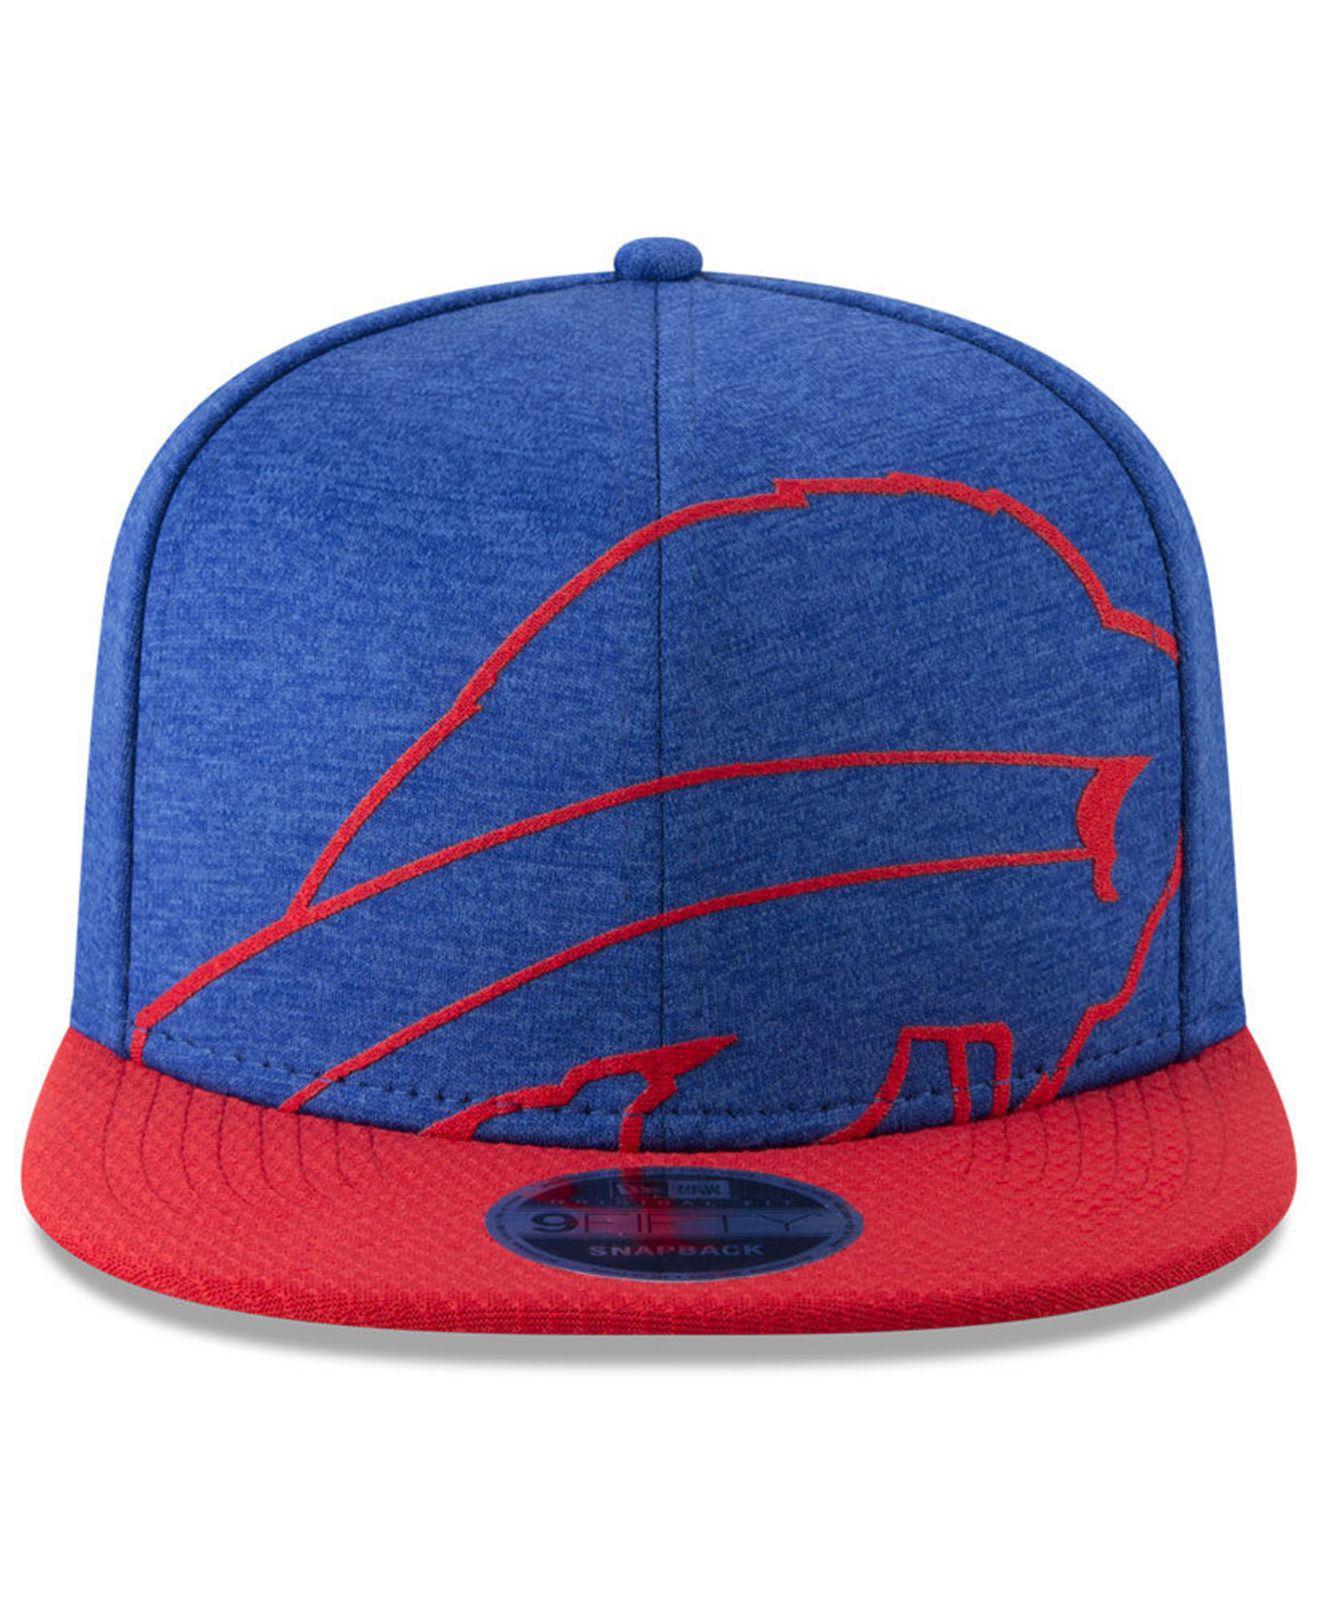 Lyst - Ktz Buffalo Bills Oversized Laser Cut 9fifty Snapback Cap in Blue  for Men a0f7edc97